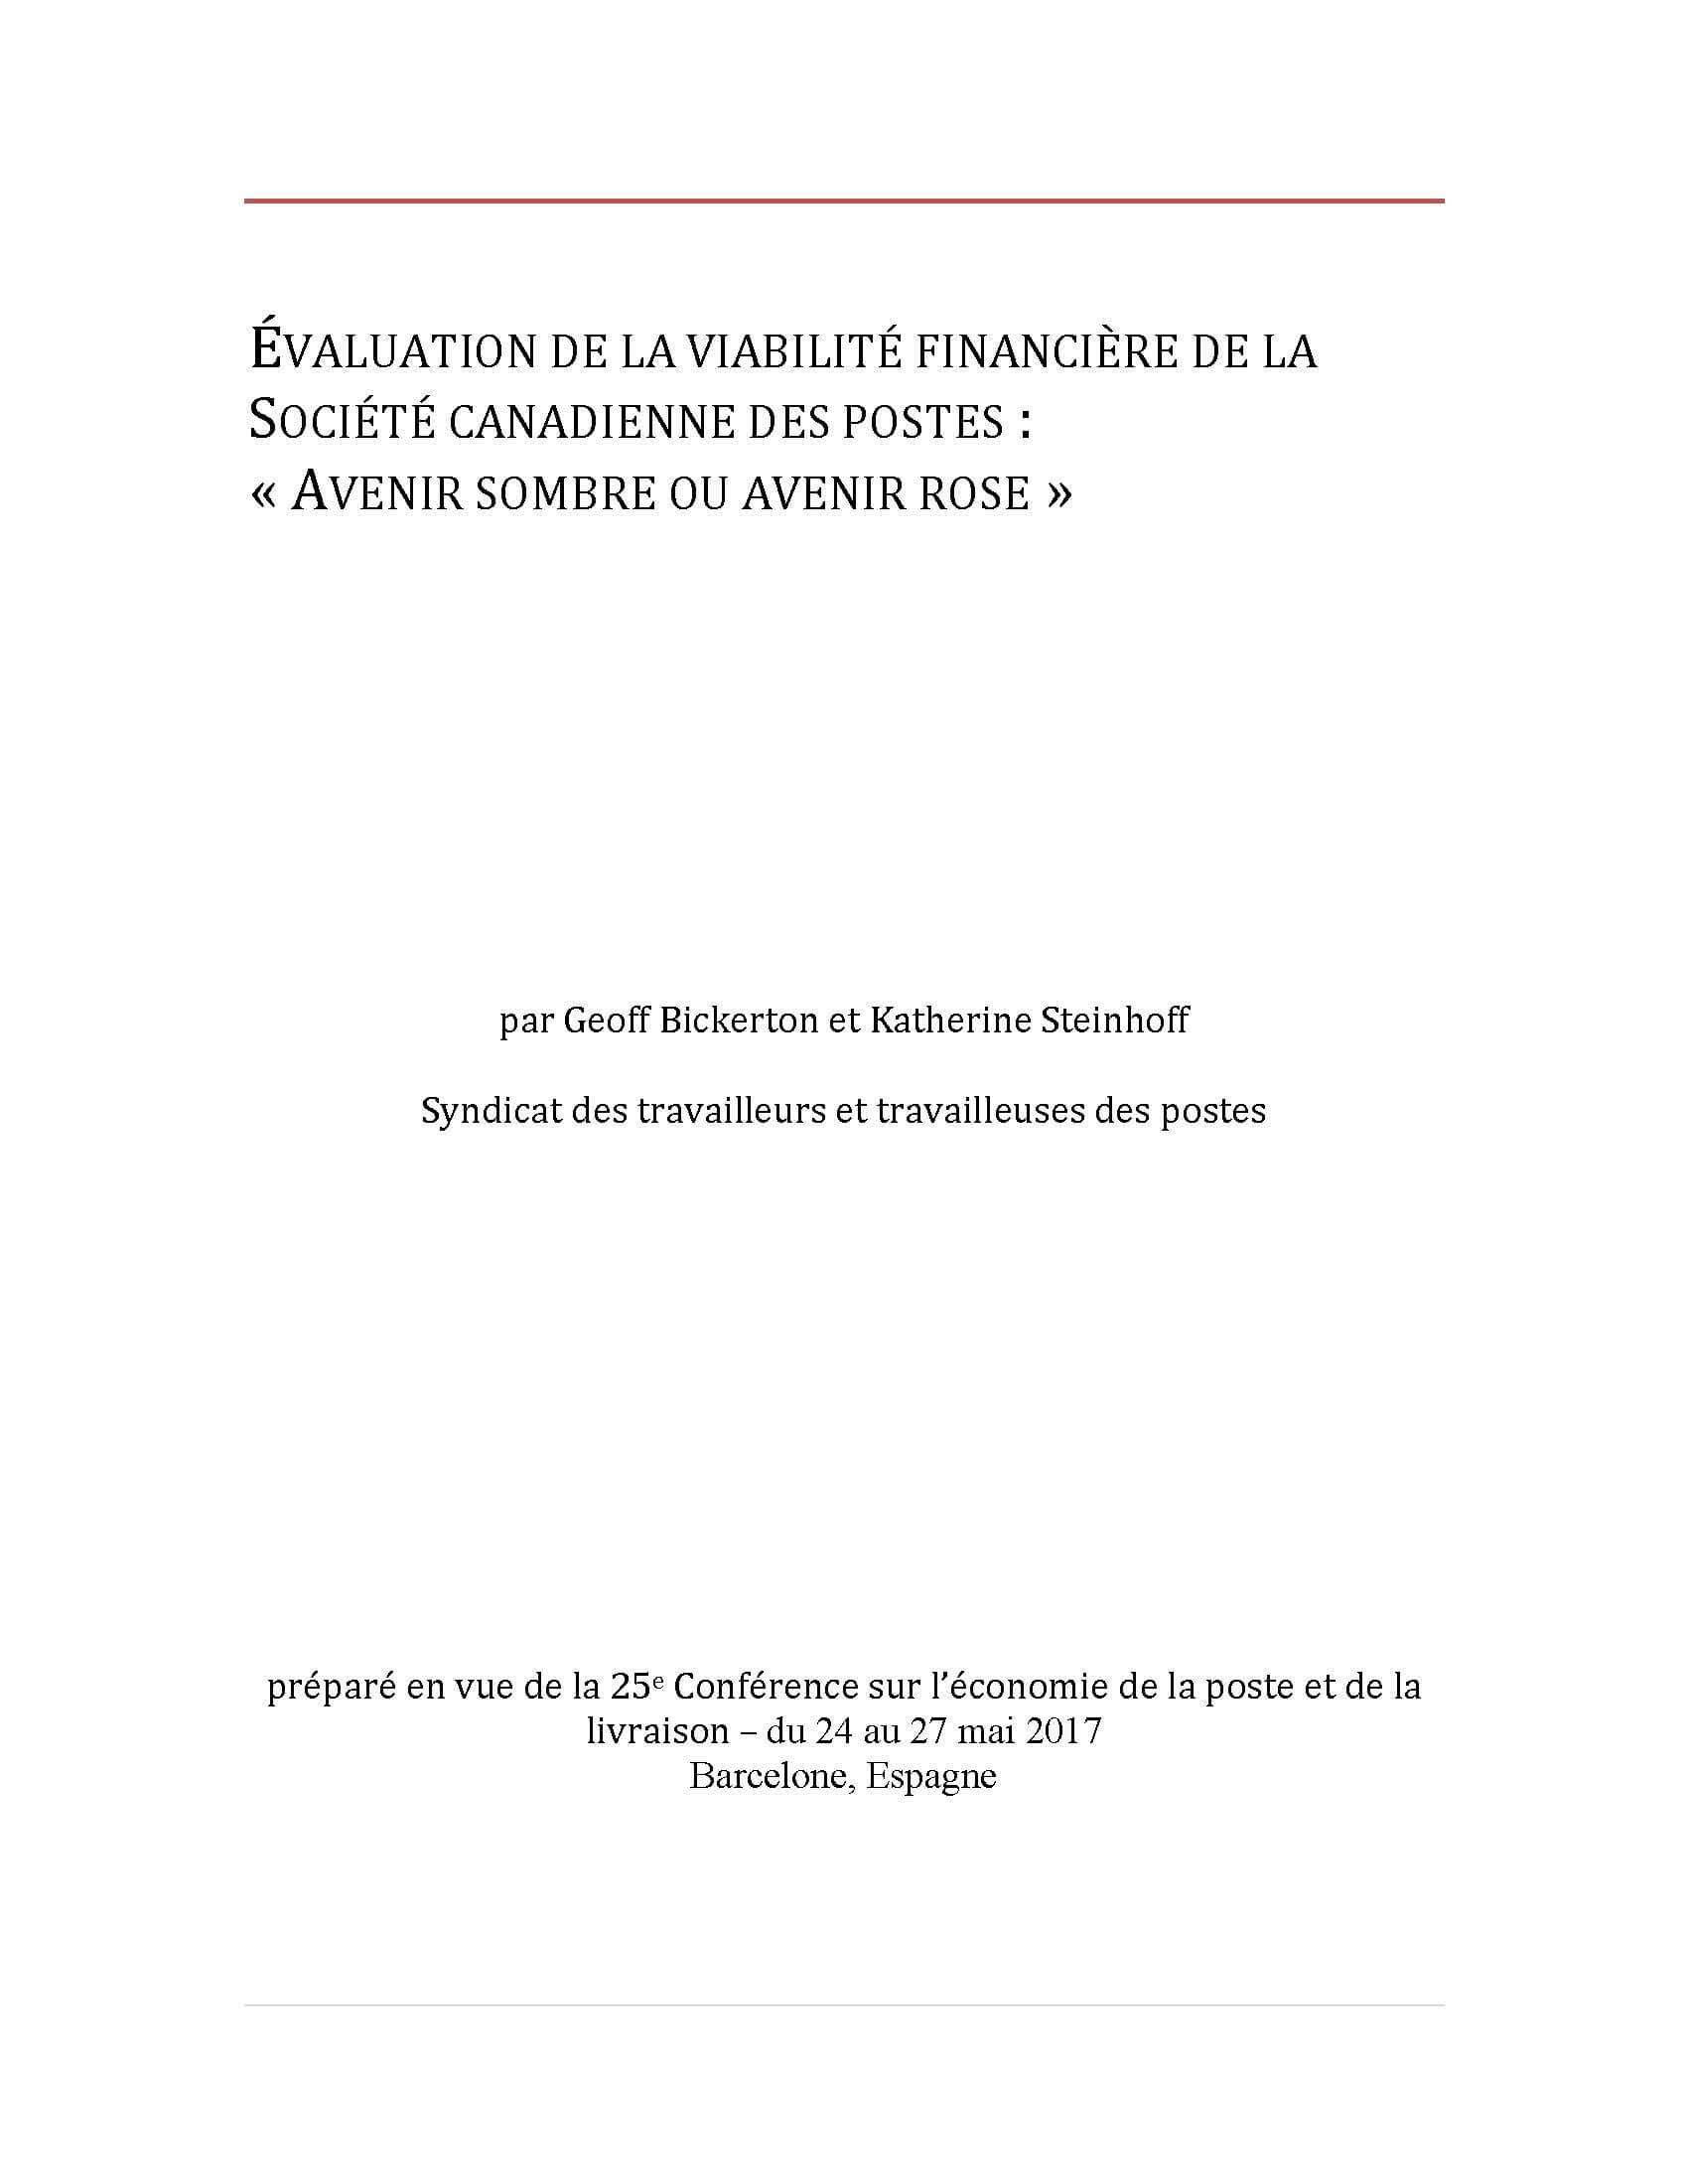 Évaluation de la viabilité financière de la Société canadienne des postes : « Avenir sombre ou avenir rose »